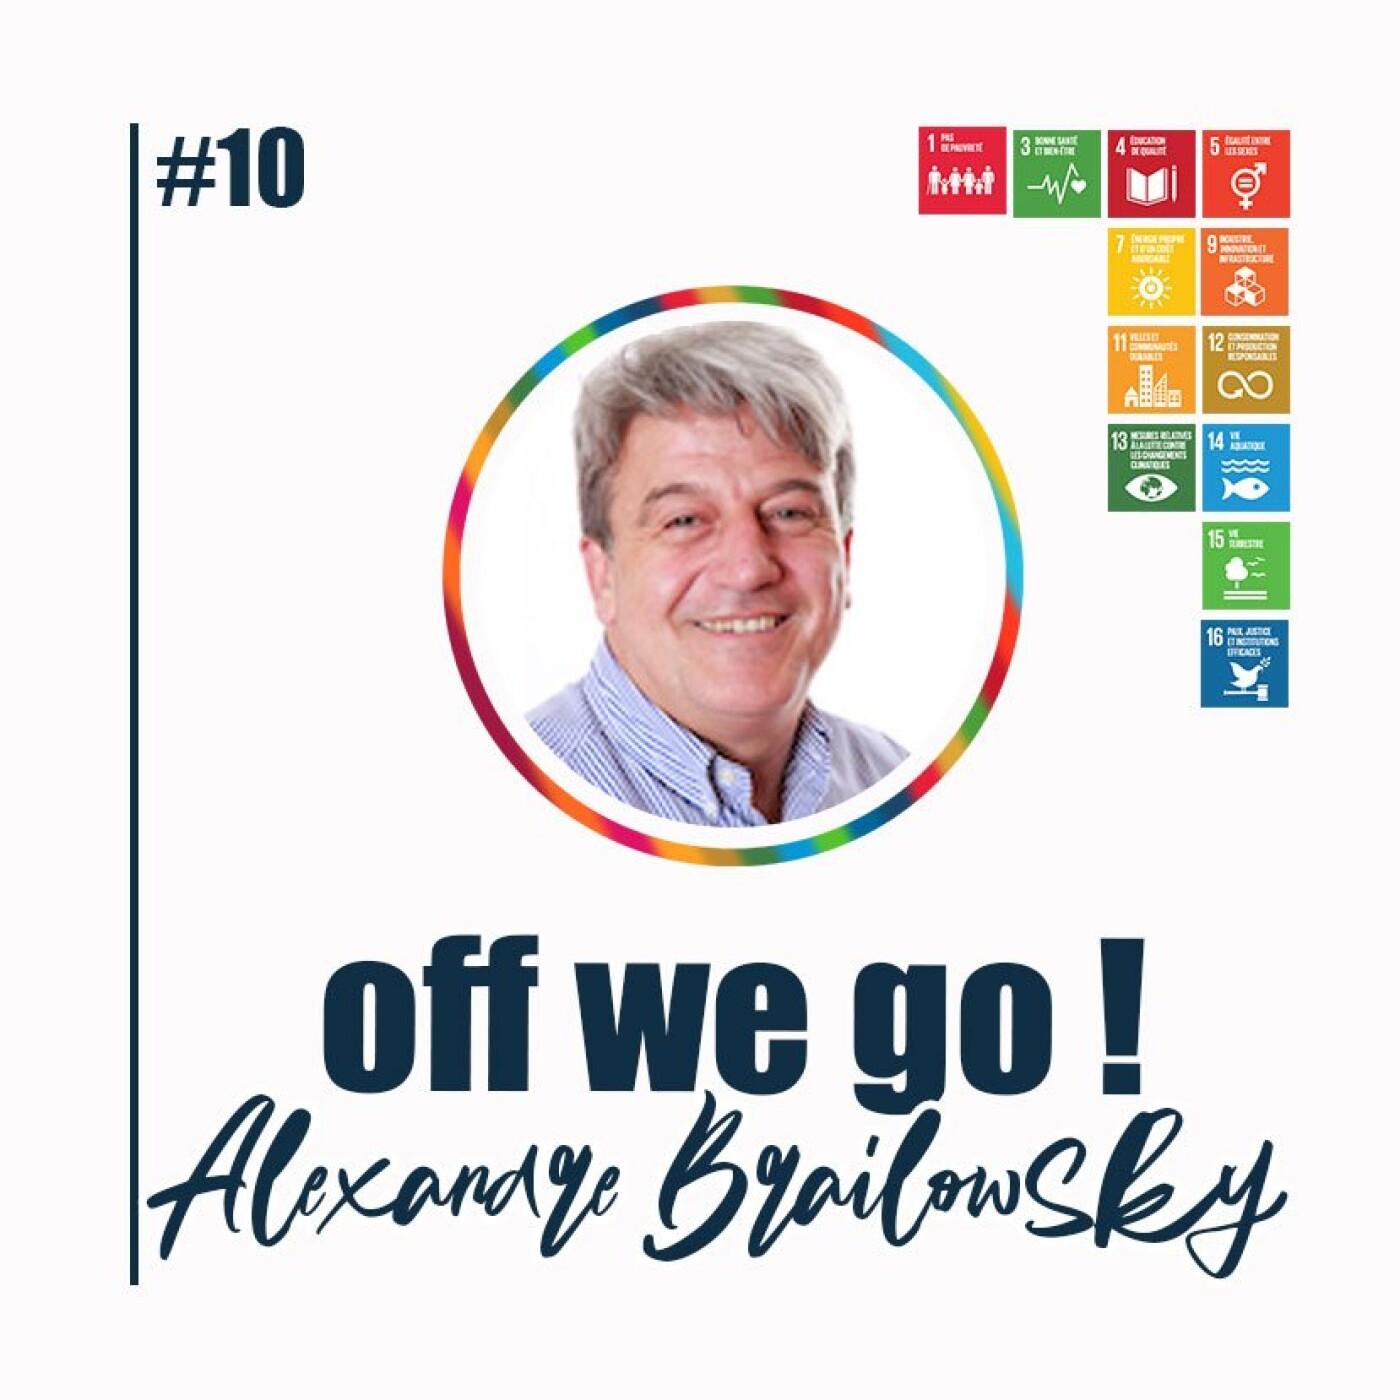 La construction collective,  la clé de la transformation de l'entreprise - Alexandre Brailowsky (Engie)